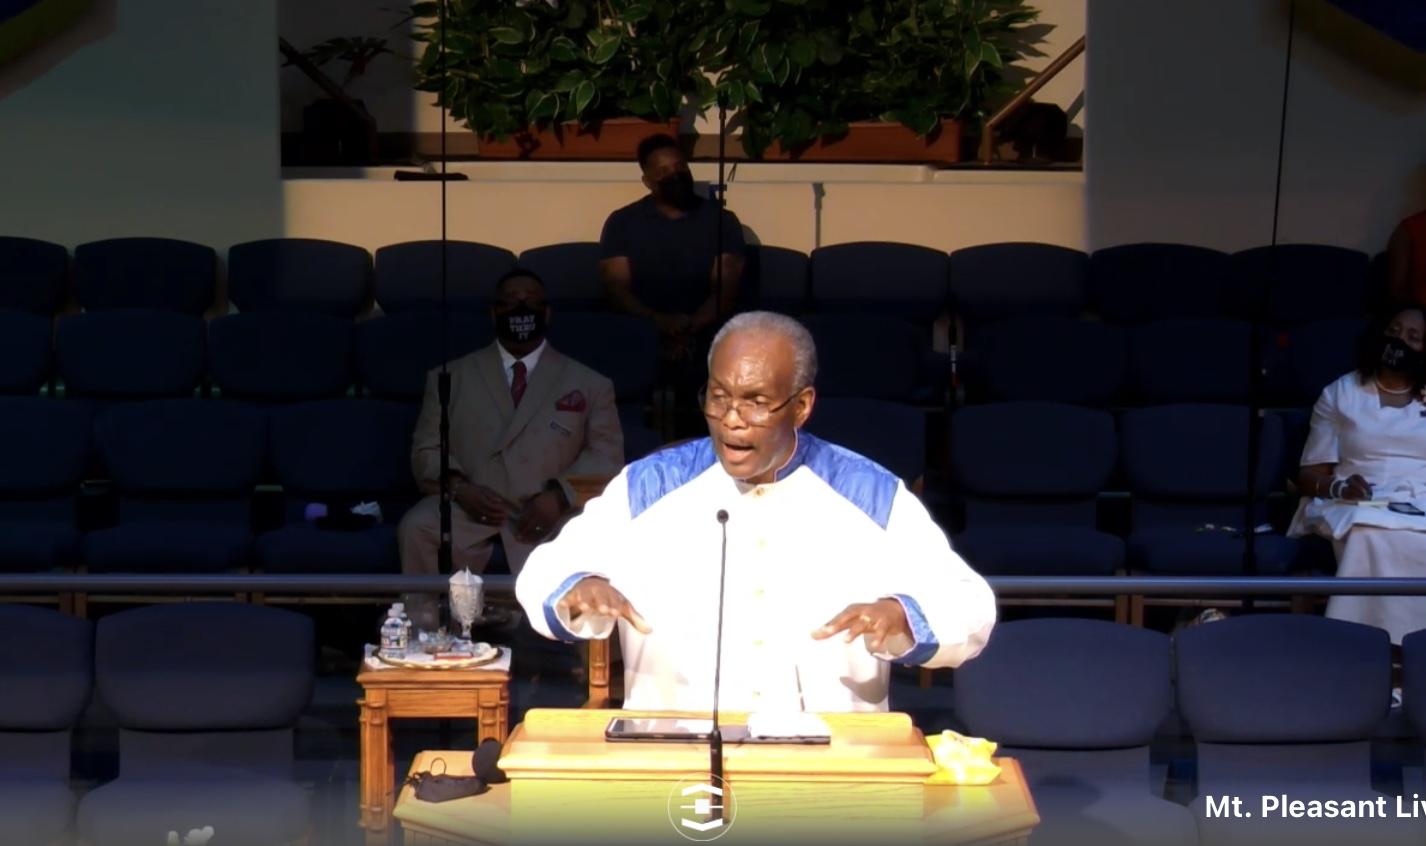 A Grace Shaped Life Rev. Dr. Willie E. Robinson